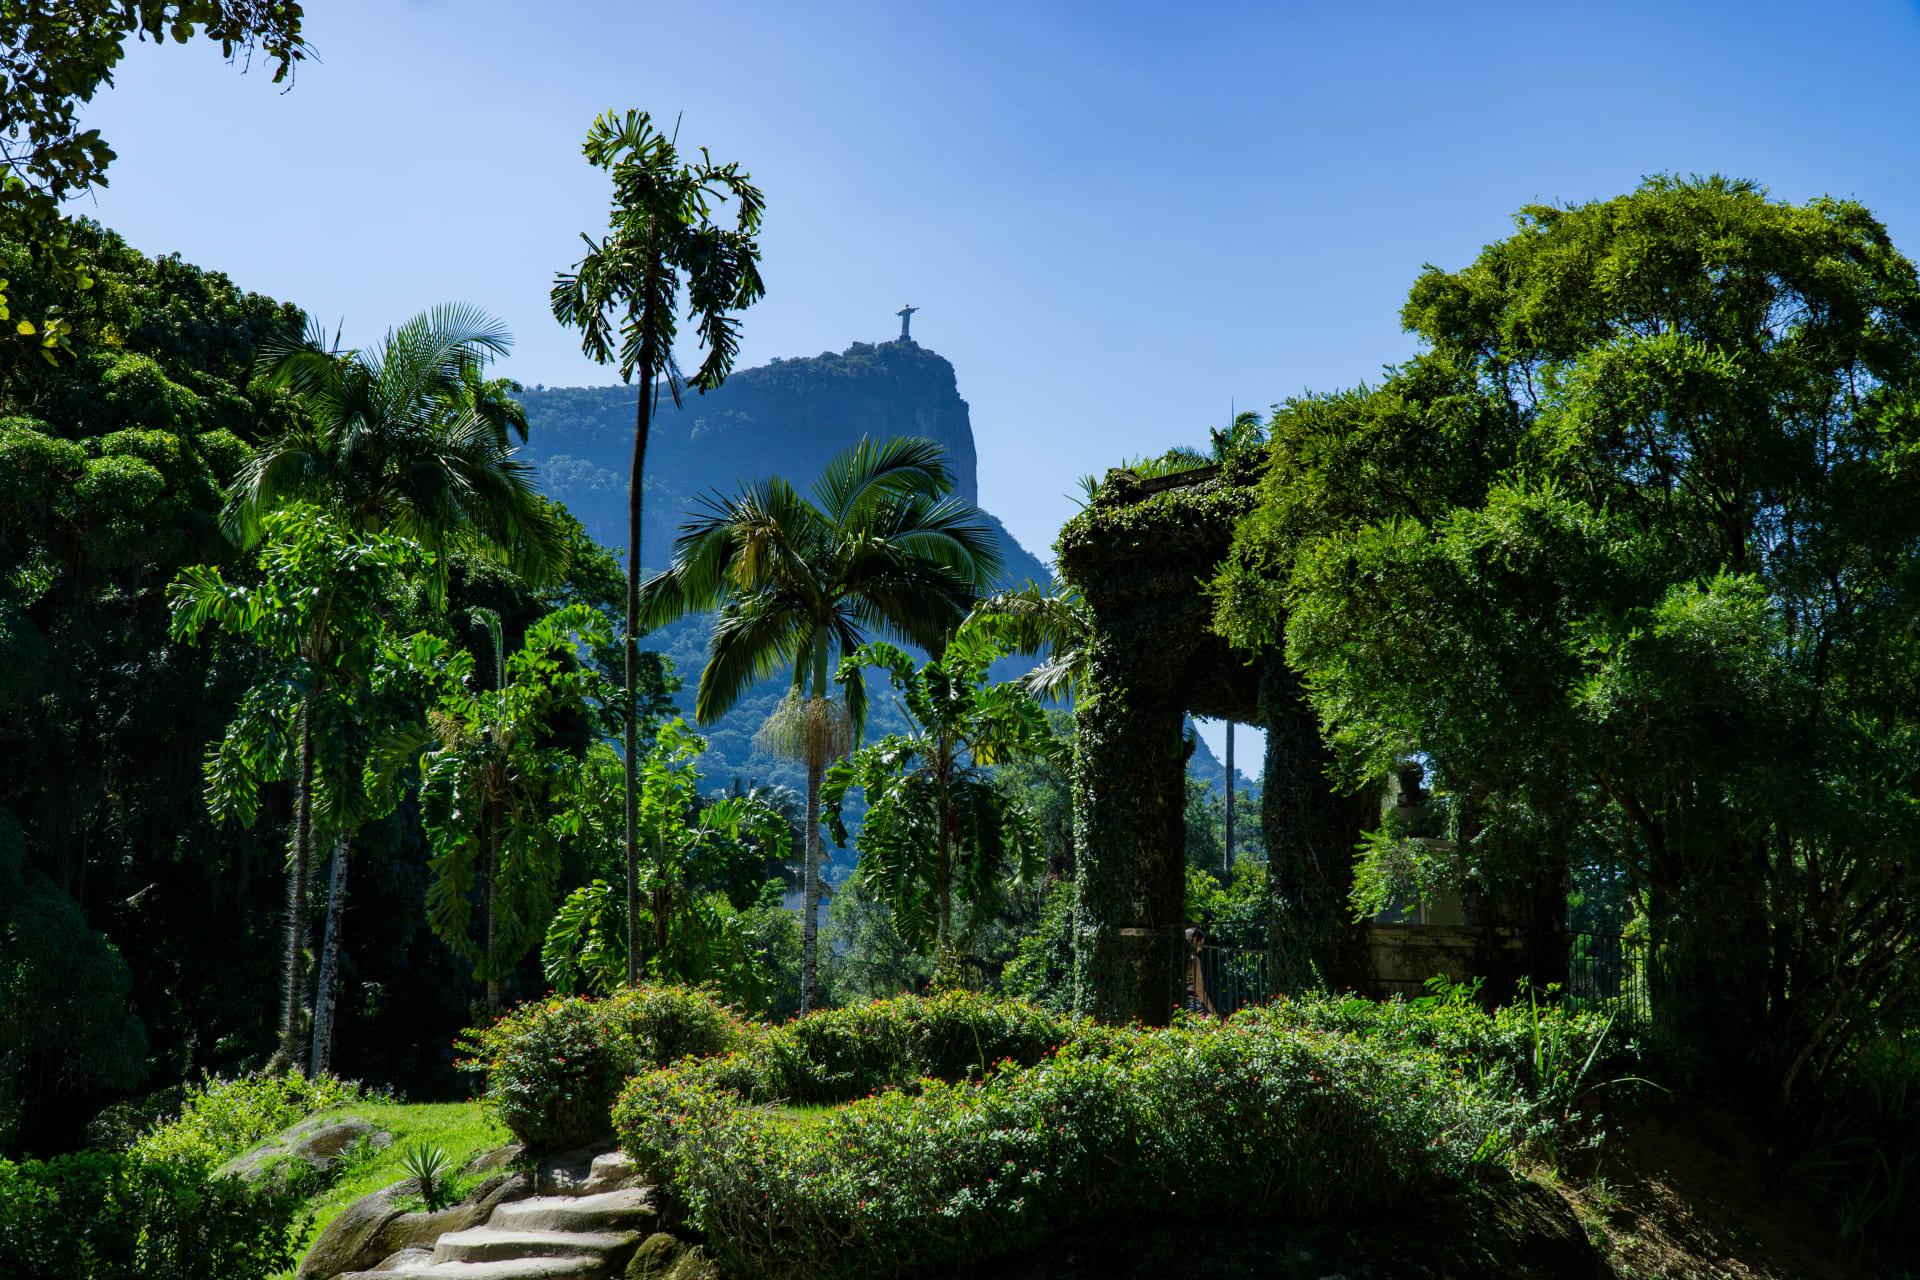 Rio de Janeiro - Botanical Garden